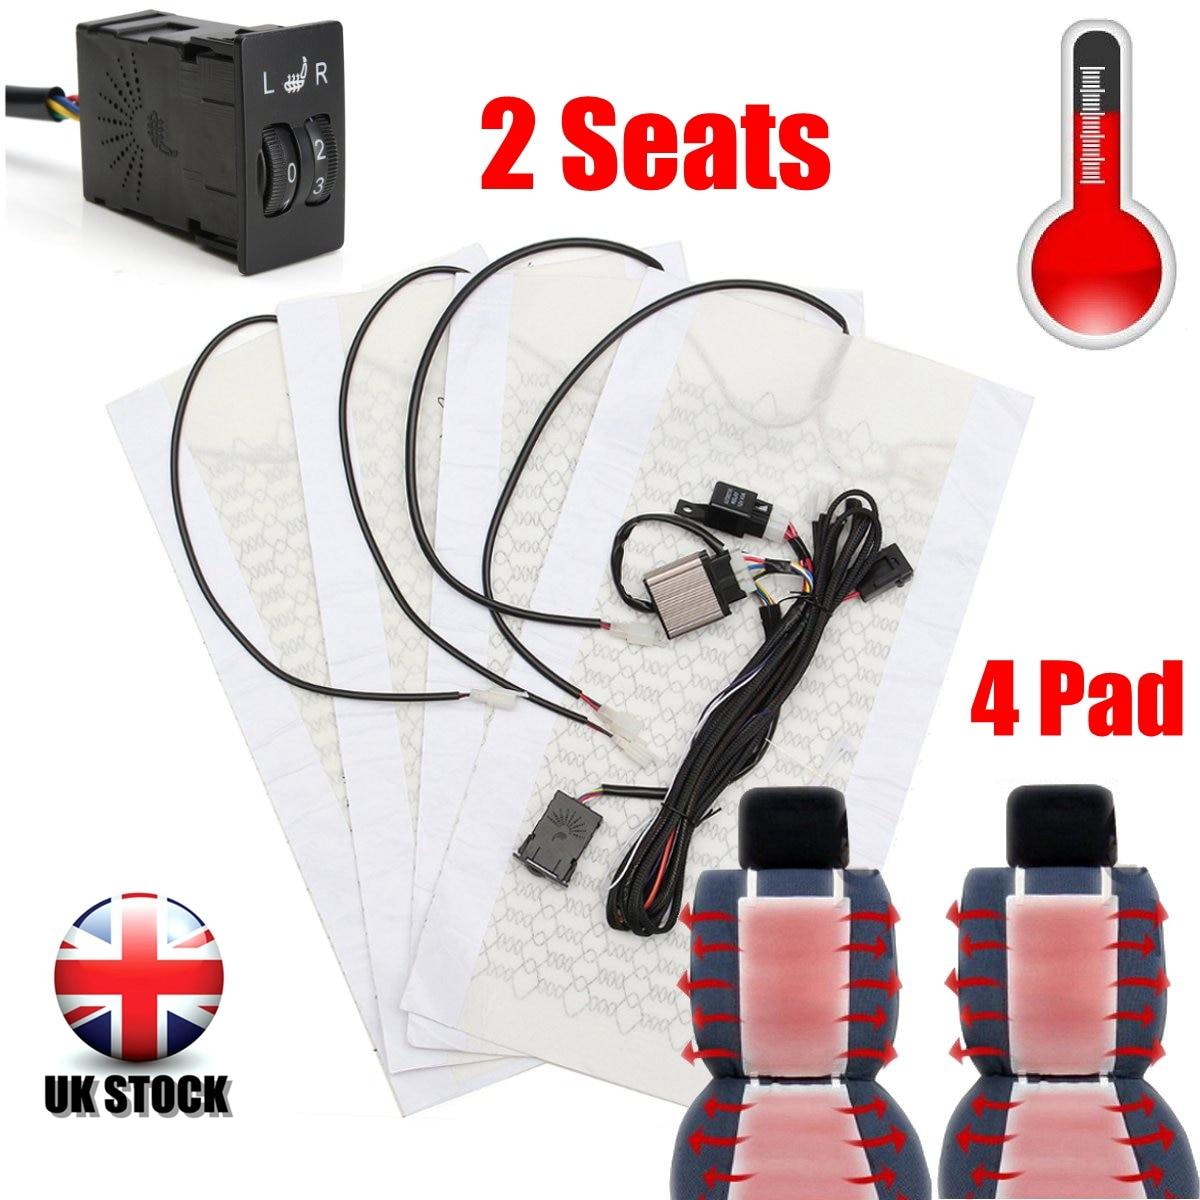 2 Asientos 4 pads carbono universal Fibra asiento calentador 12 V almohadillas 2 dial 5 nivel calentador del invierno fundas de asientos